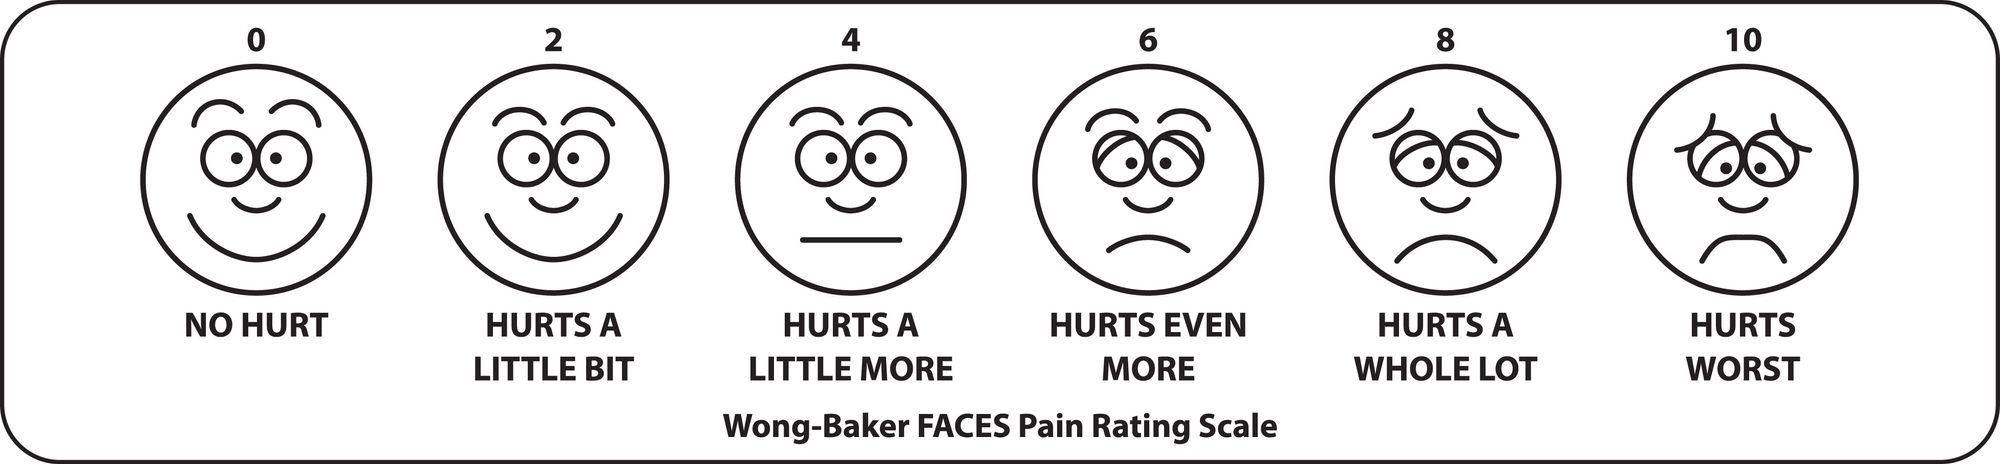 Wong-Bakers smärtskala med olika ansikten som symboliserar smärtpoäng från 0 till 10.